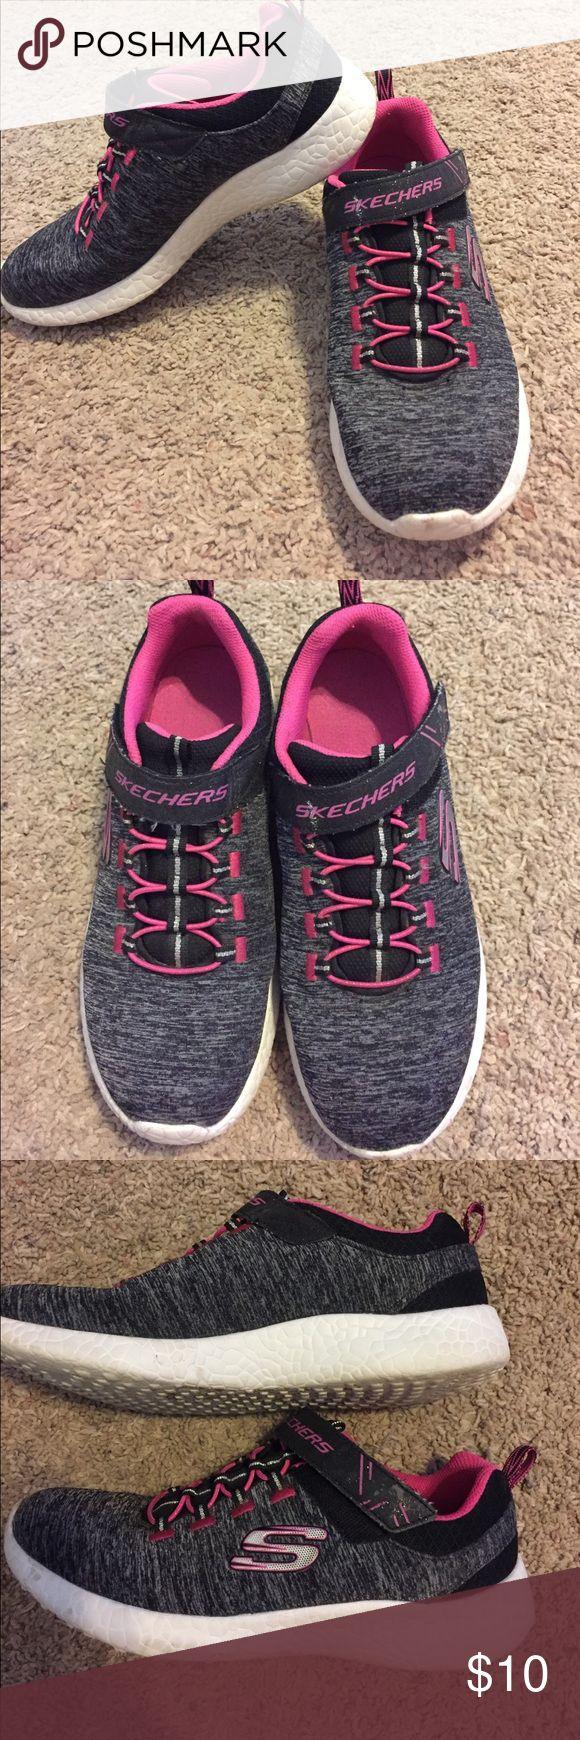 Skechers slip on girl's sneakers Grey & pink sip on Skecher sneakers for girls. Great condition, barely worn, very light shoes Skechers Shoes Sneakers